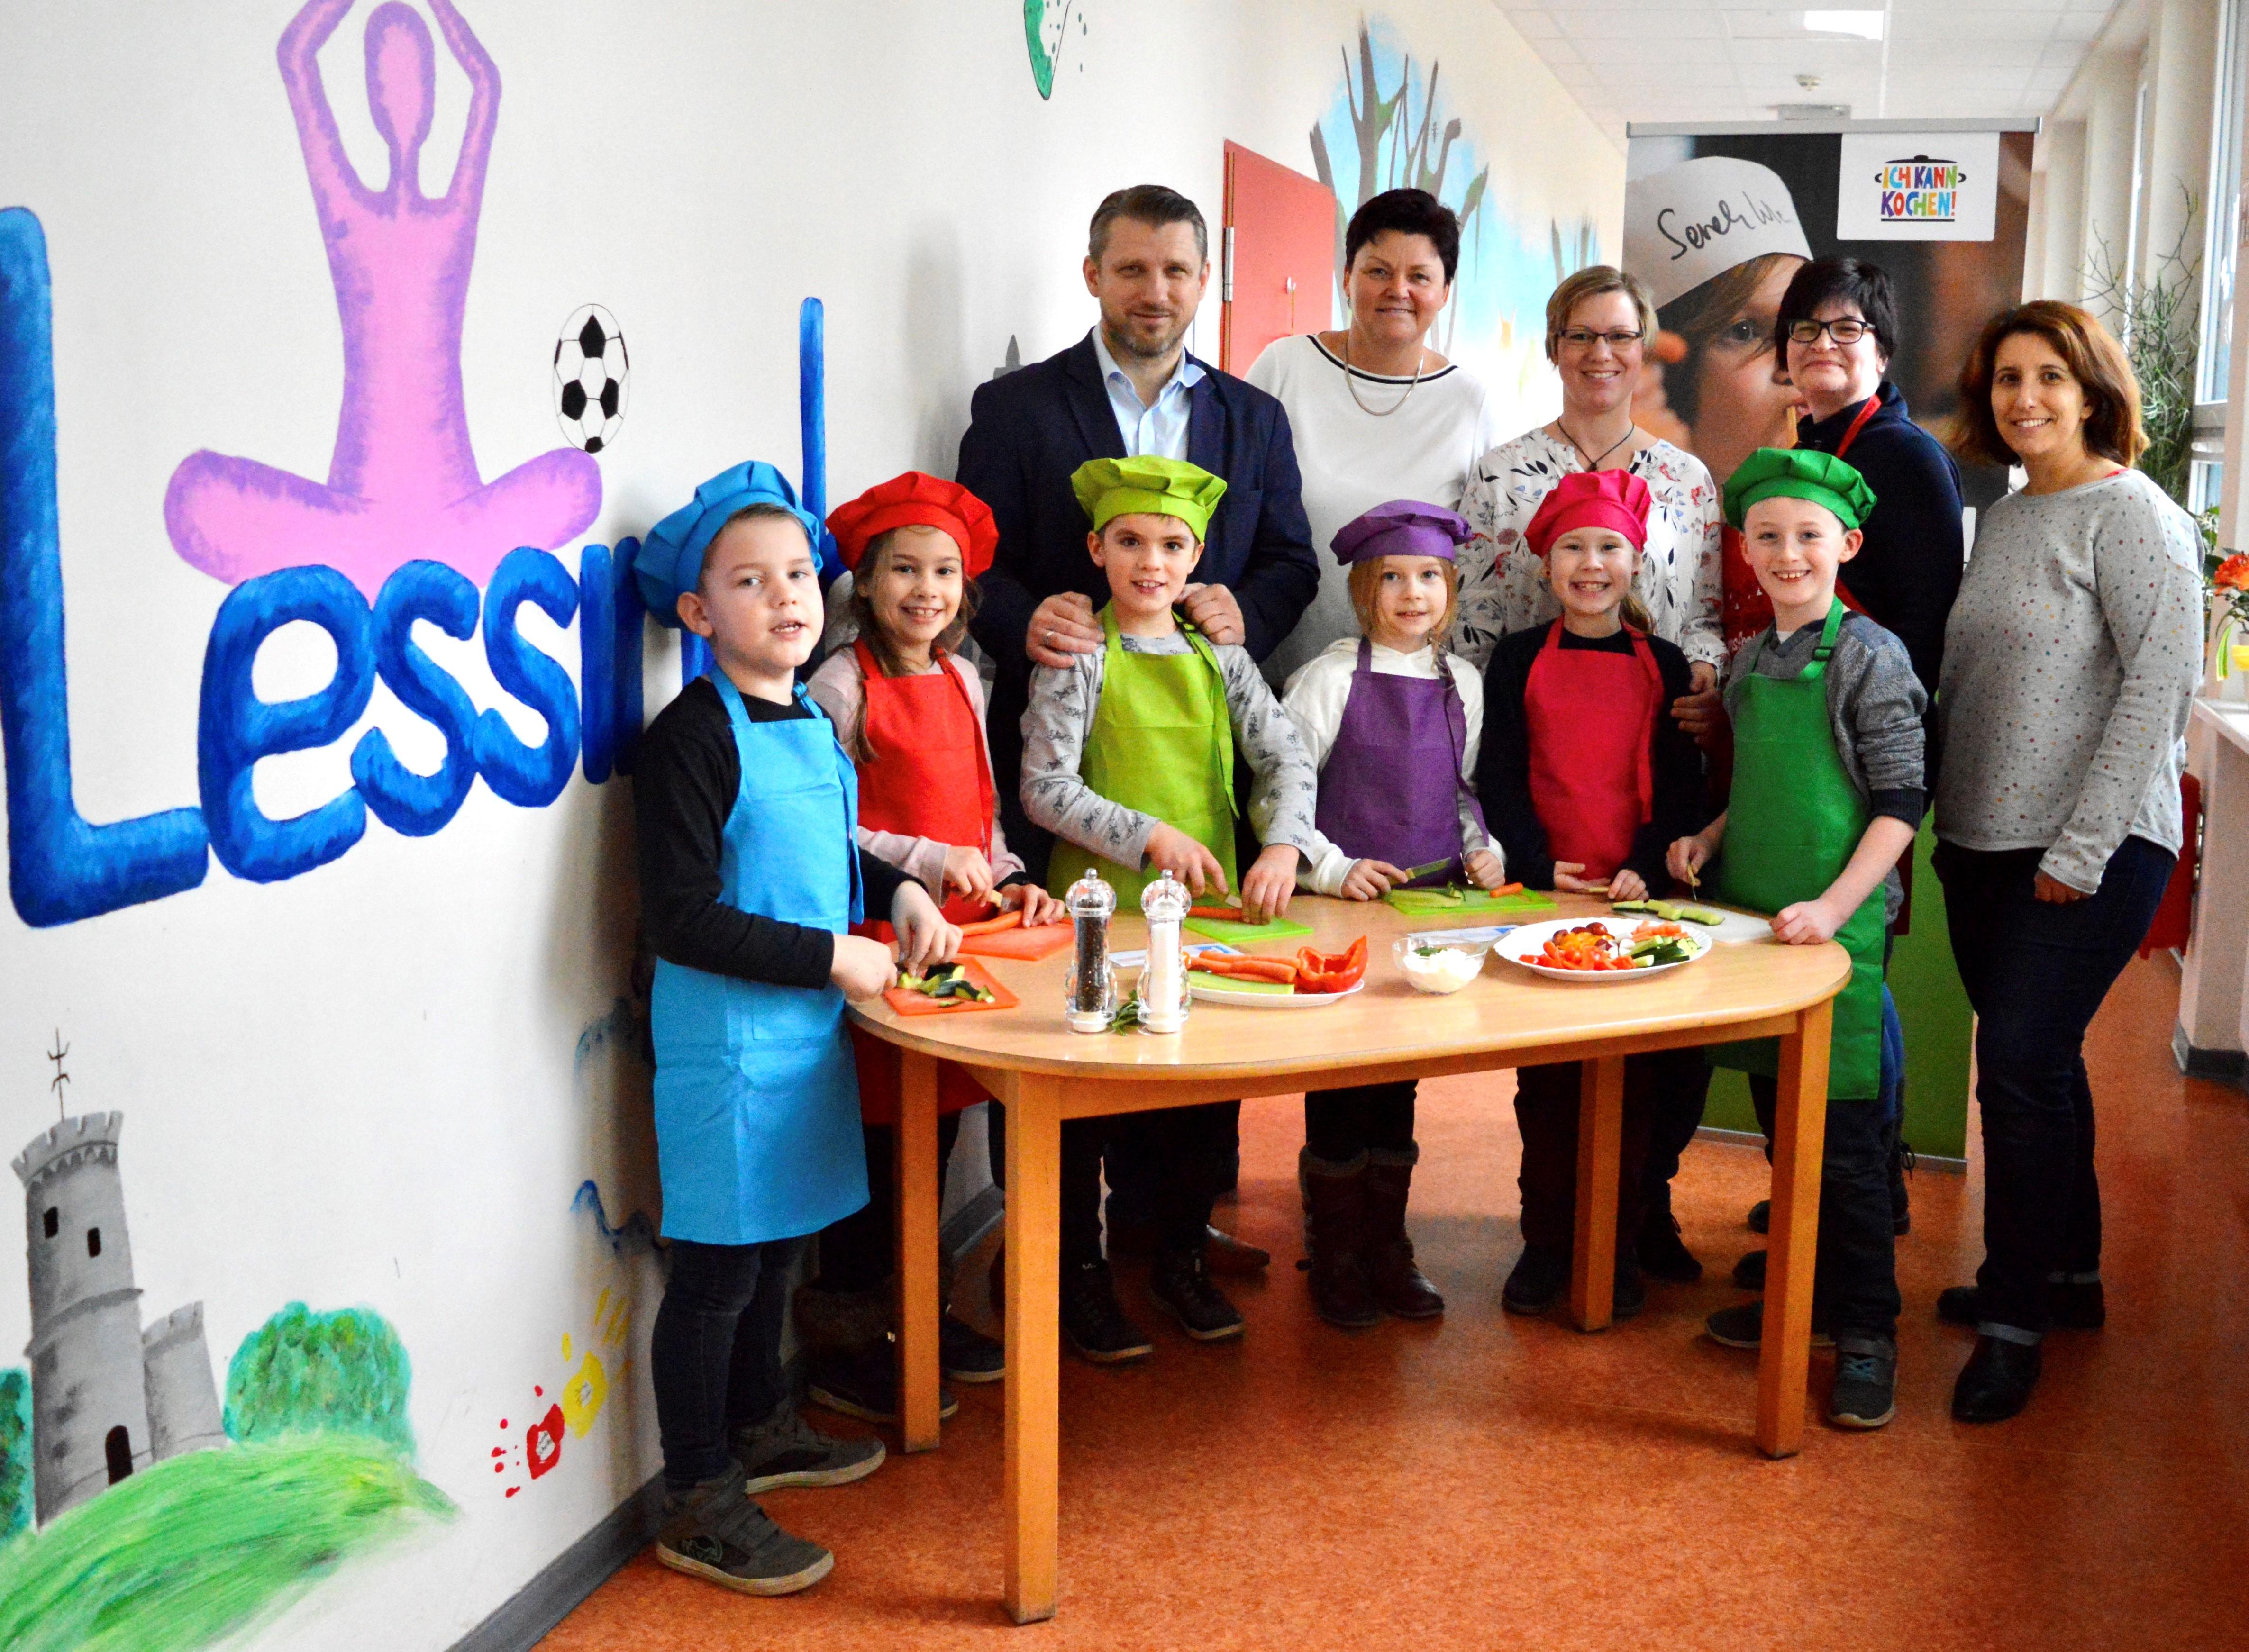 Zum Auftakt der Aktion - Ich kann kochen! waren  Bürgermeister Sven Hause, Marina Sroka , Jasmin Pyszora, Mitarbeiterin und Genussbotschafterin Sabine Knorr, Claudia Gödecke und die kleine Kindergruppe im Lessinghort.